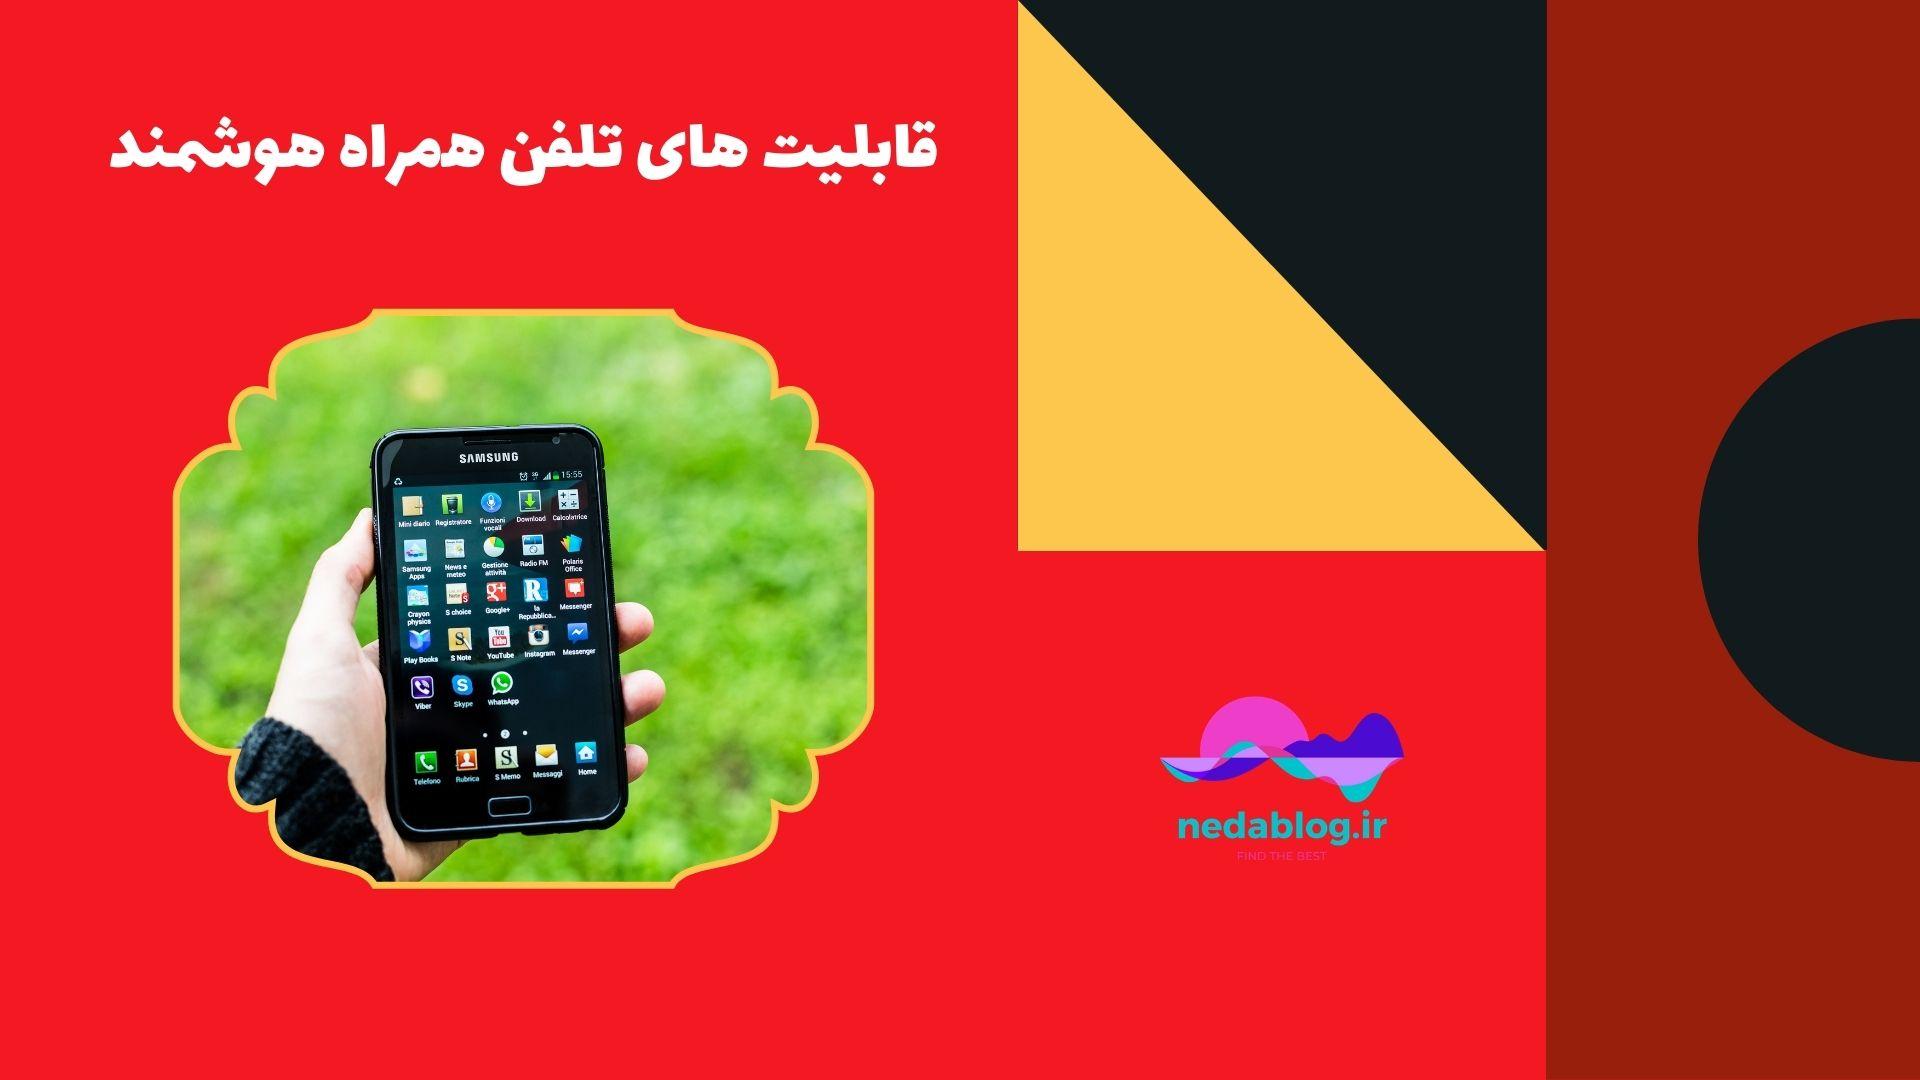 قابلیت های تلفن همراه هوشمند